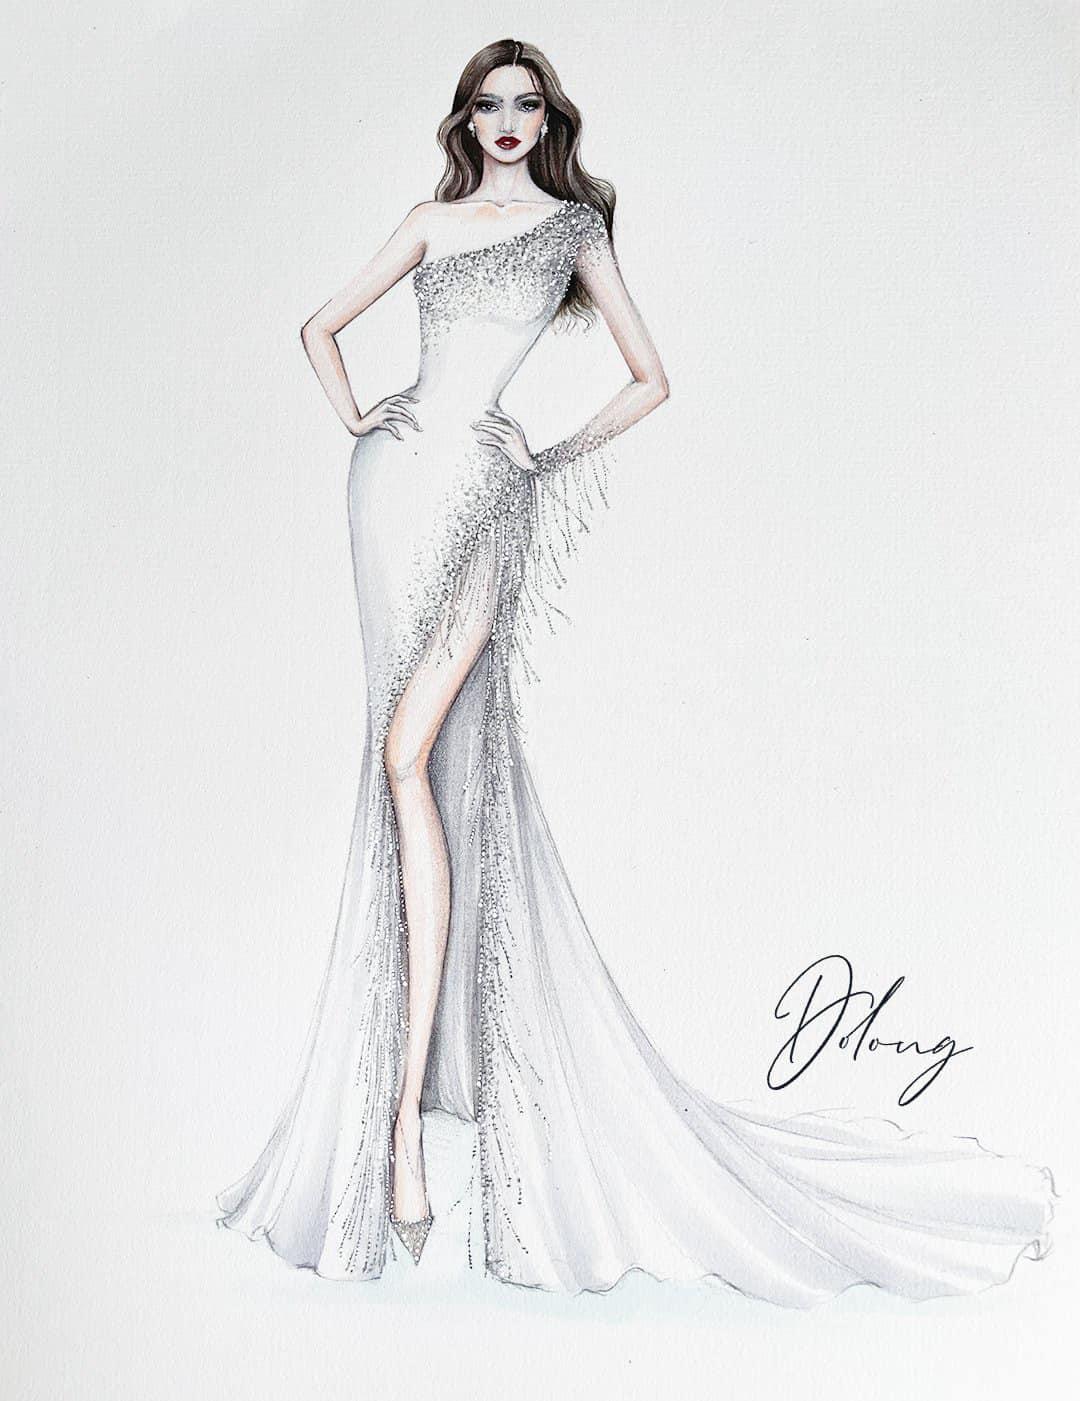 Hé lộ 5 mẫu thiết kế đầm dạ hội của Hoa Hậu Đỗ Thị Hà trong Chung kết Miss World 2021 - Ảnh 4.